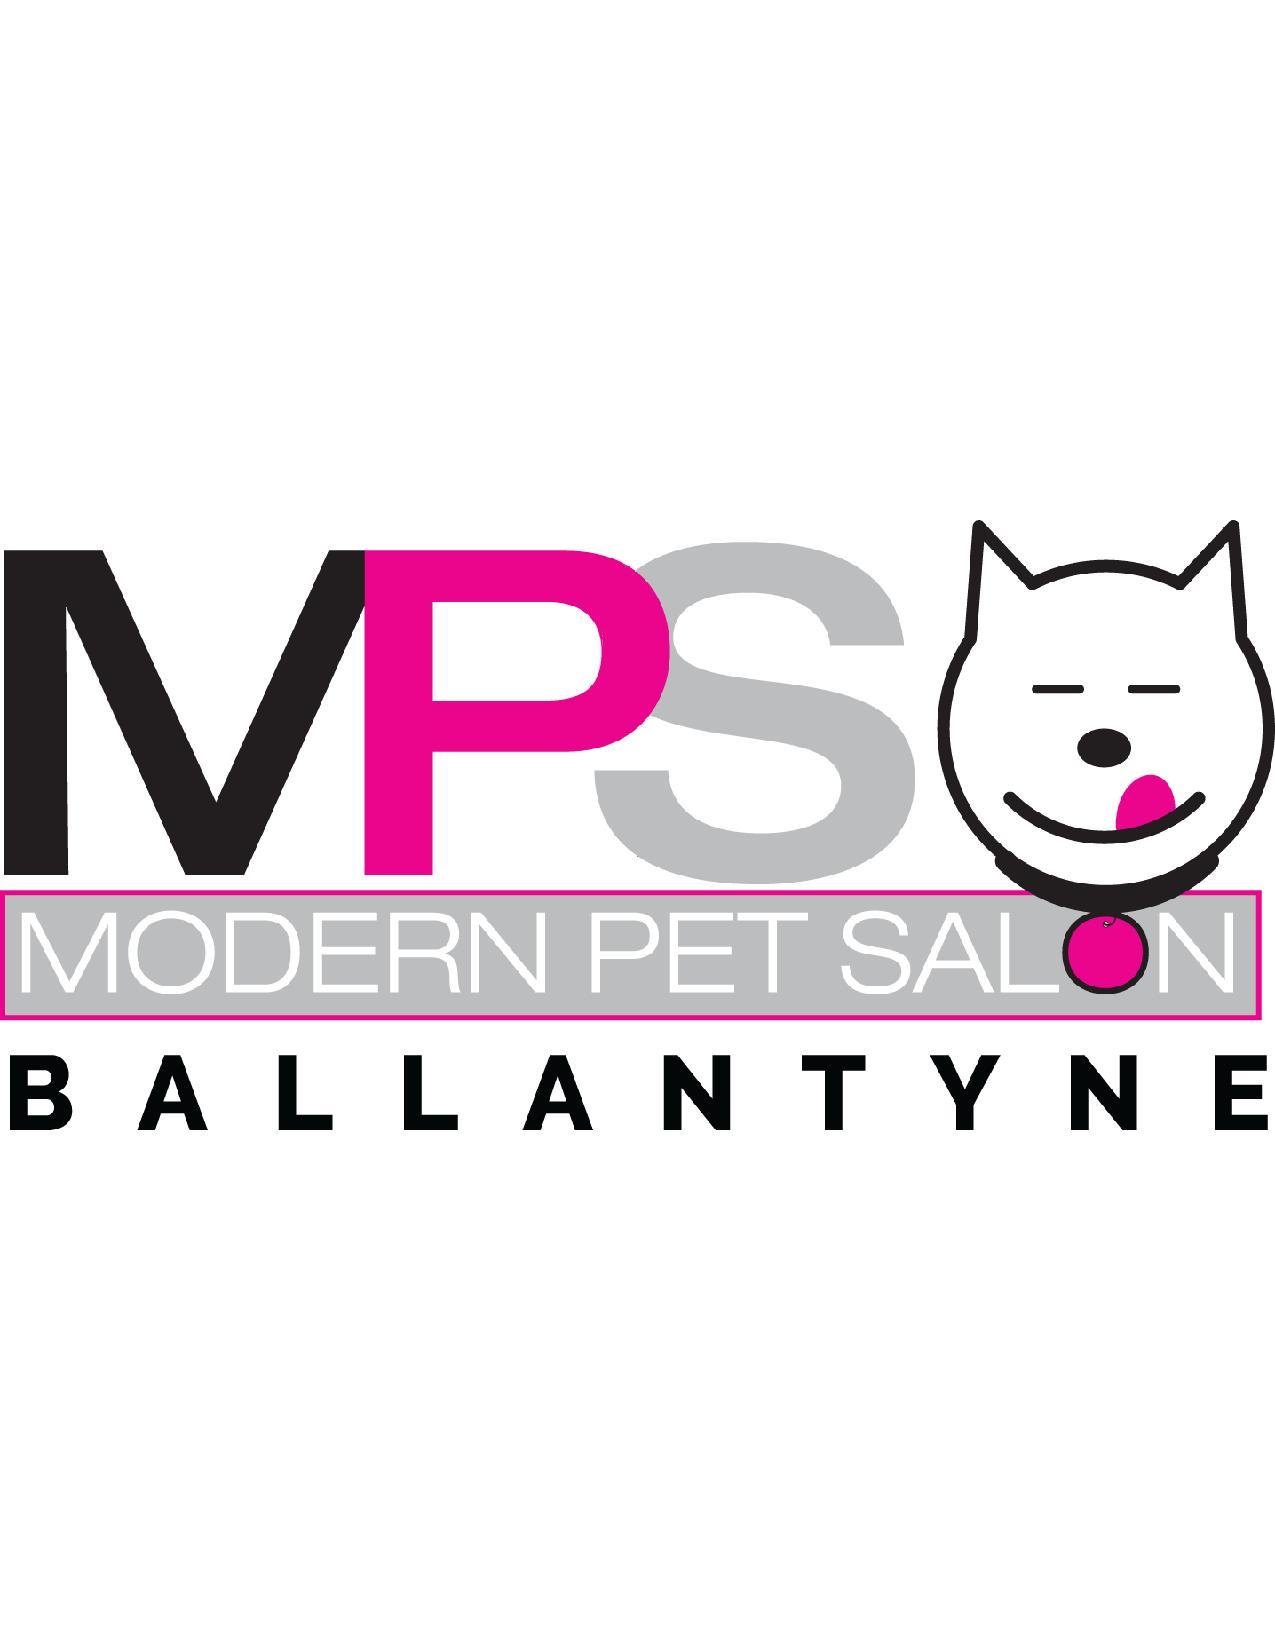 Press Reviews Ballantine Modern Pet Salon